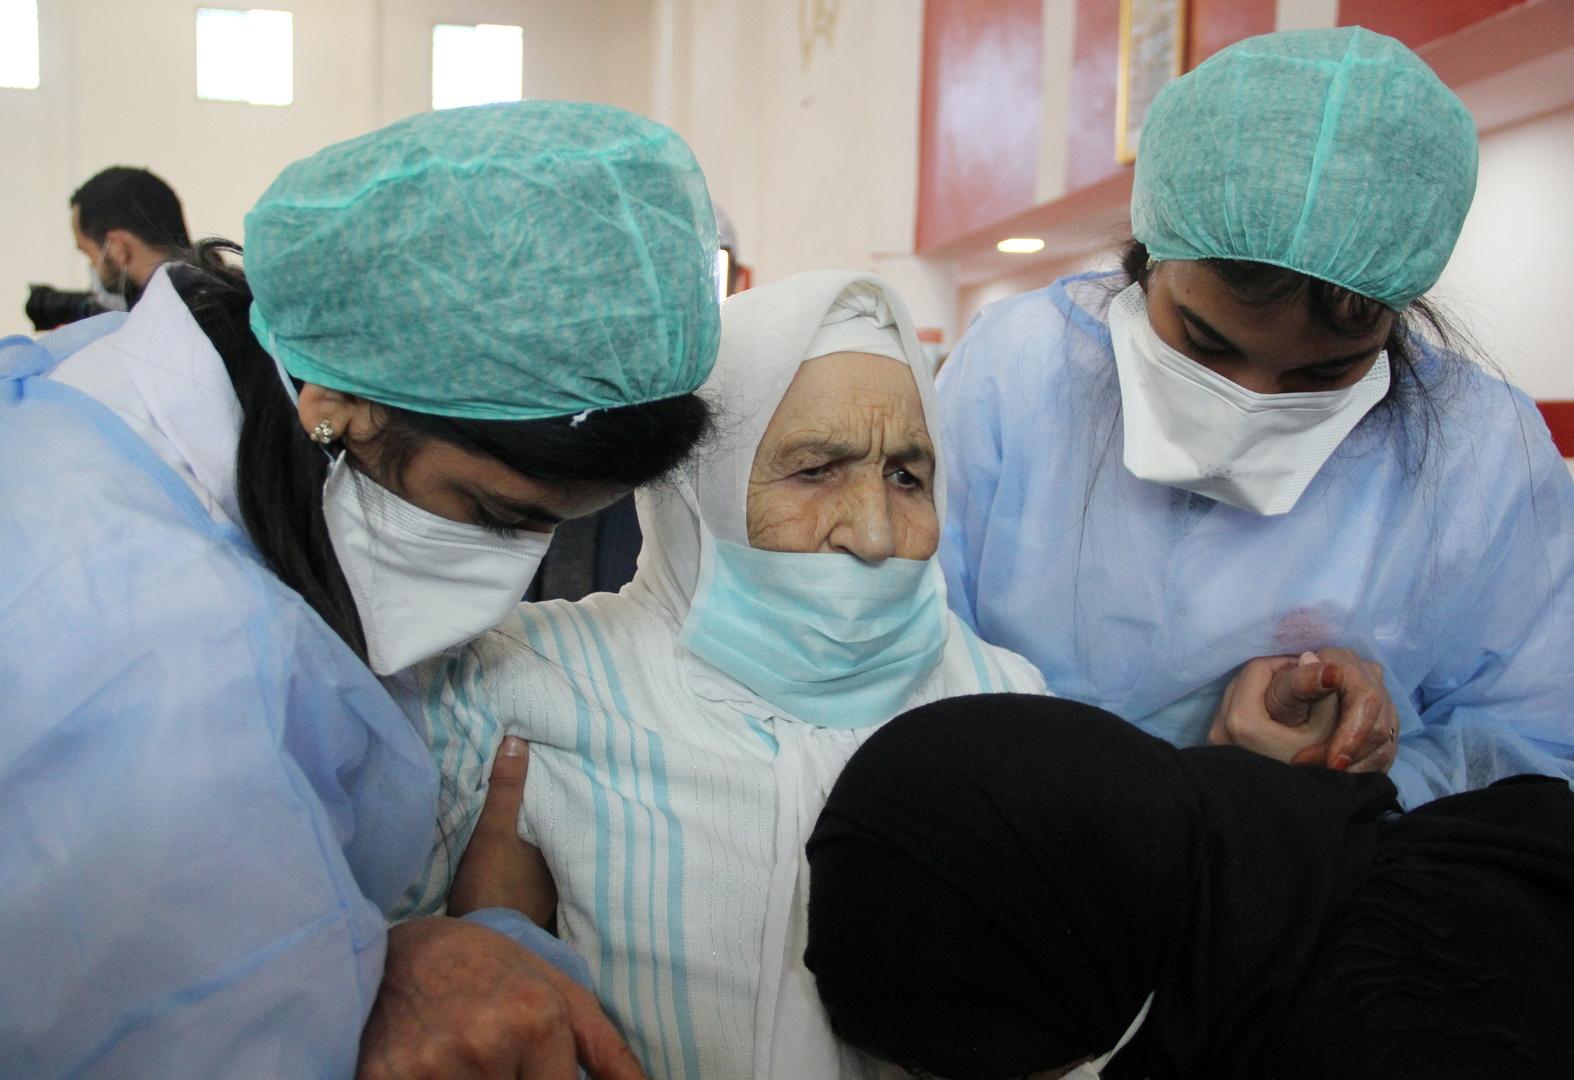 تسجيل 416 حالة جديدة مصابة بفيروس كورونا بالمغرب خلال 24 ساعة الماضية